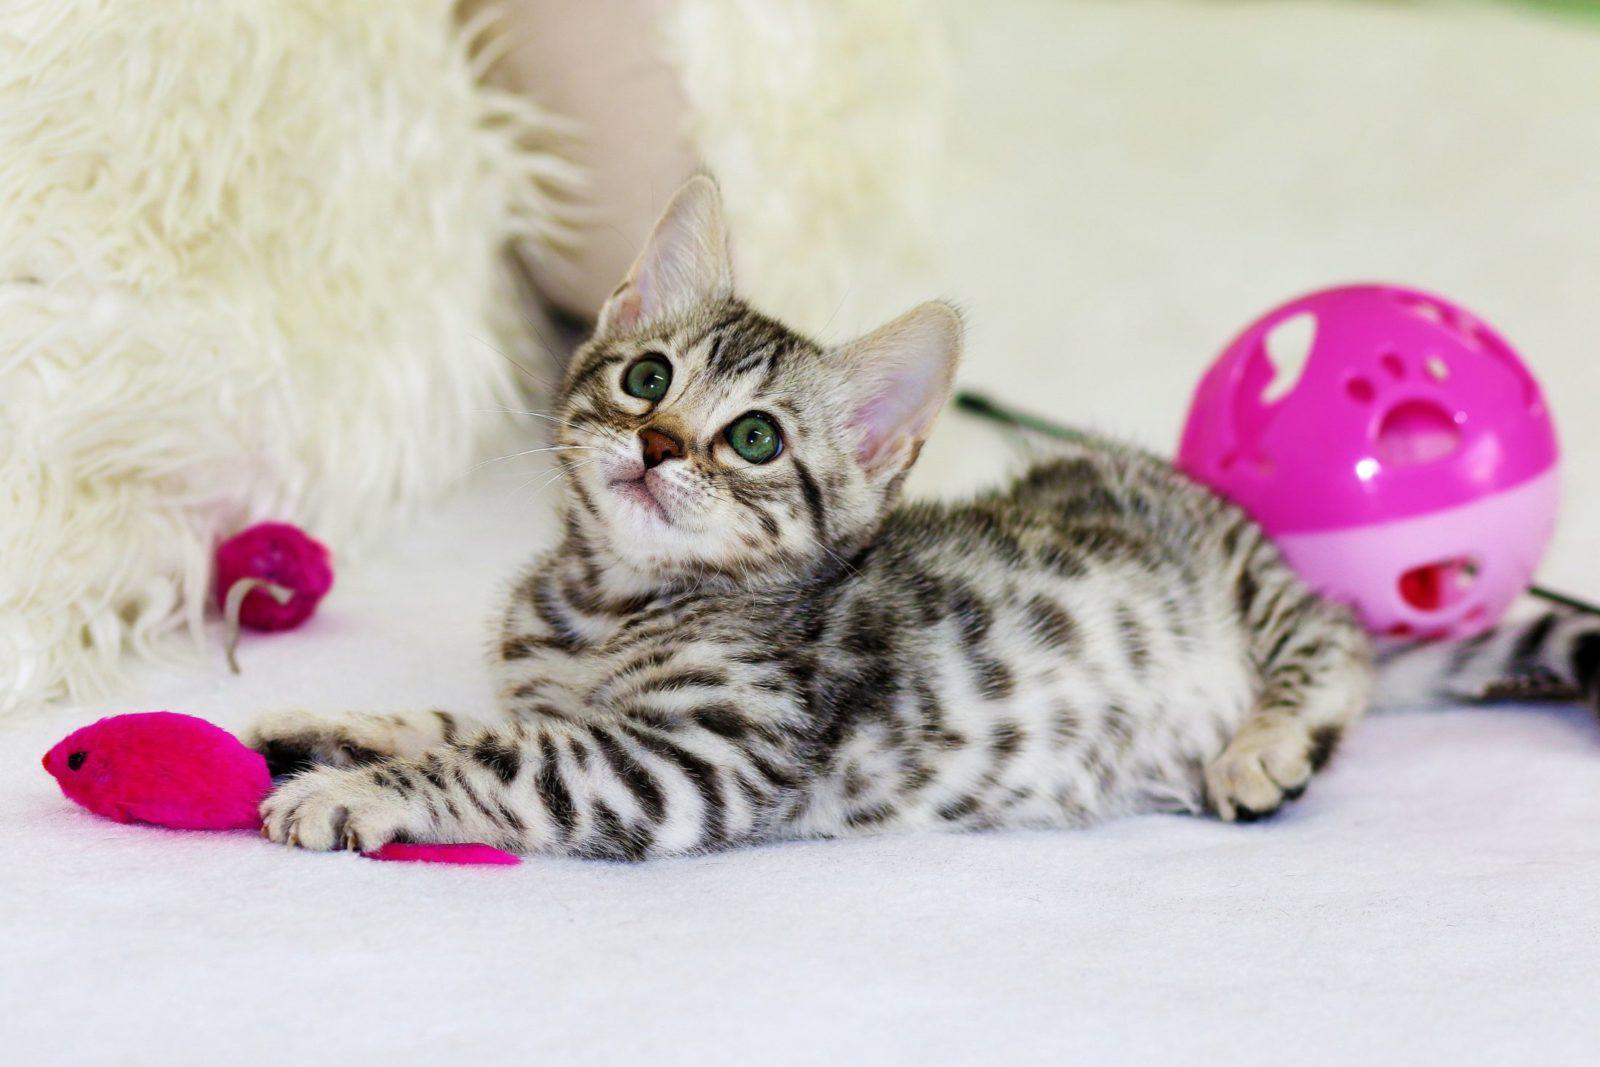 filhote de gato em meio a muitos brinquedos para gatos